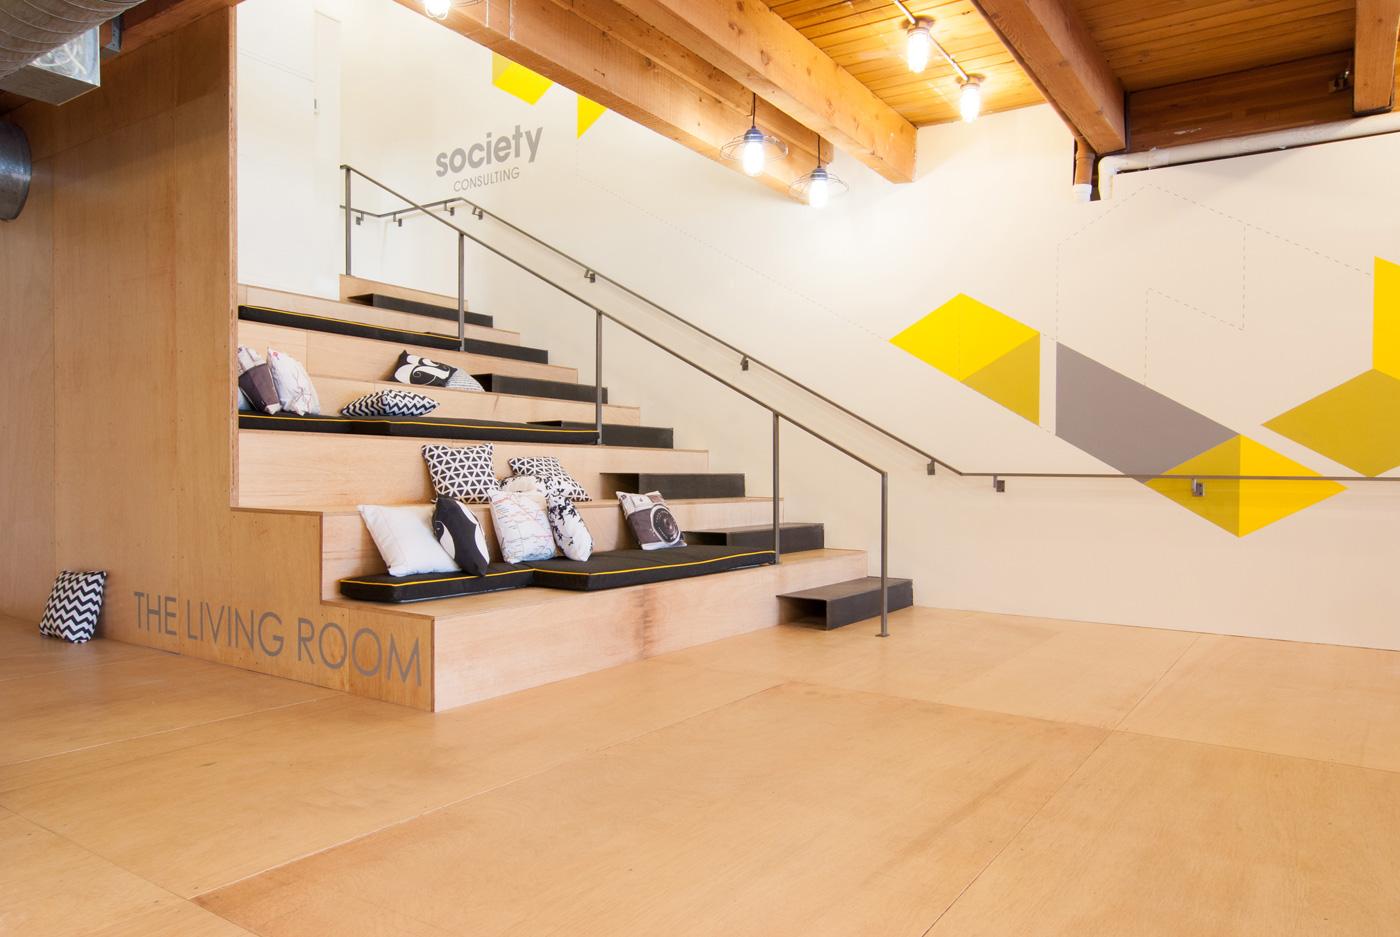 BUILD-LLC-Society-Living-Room-06#